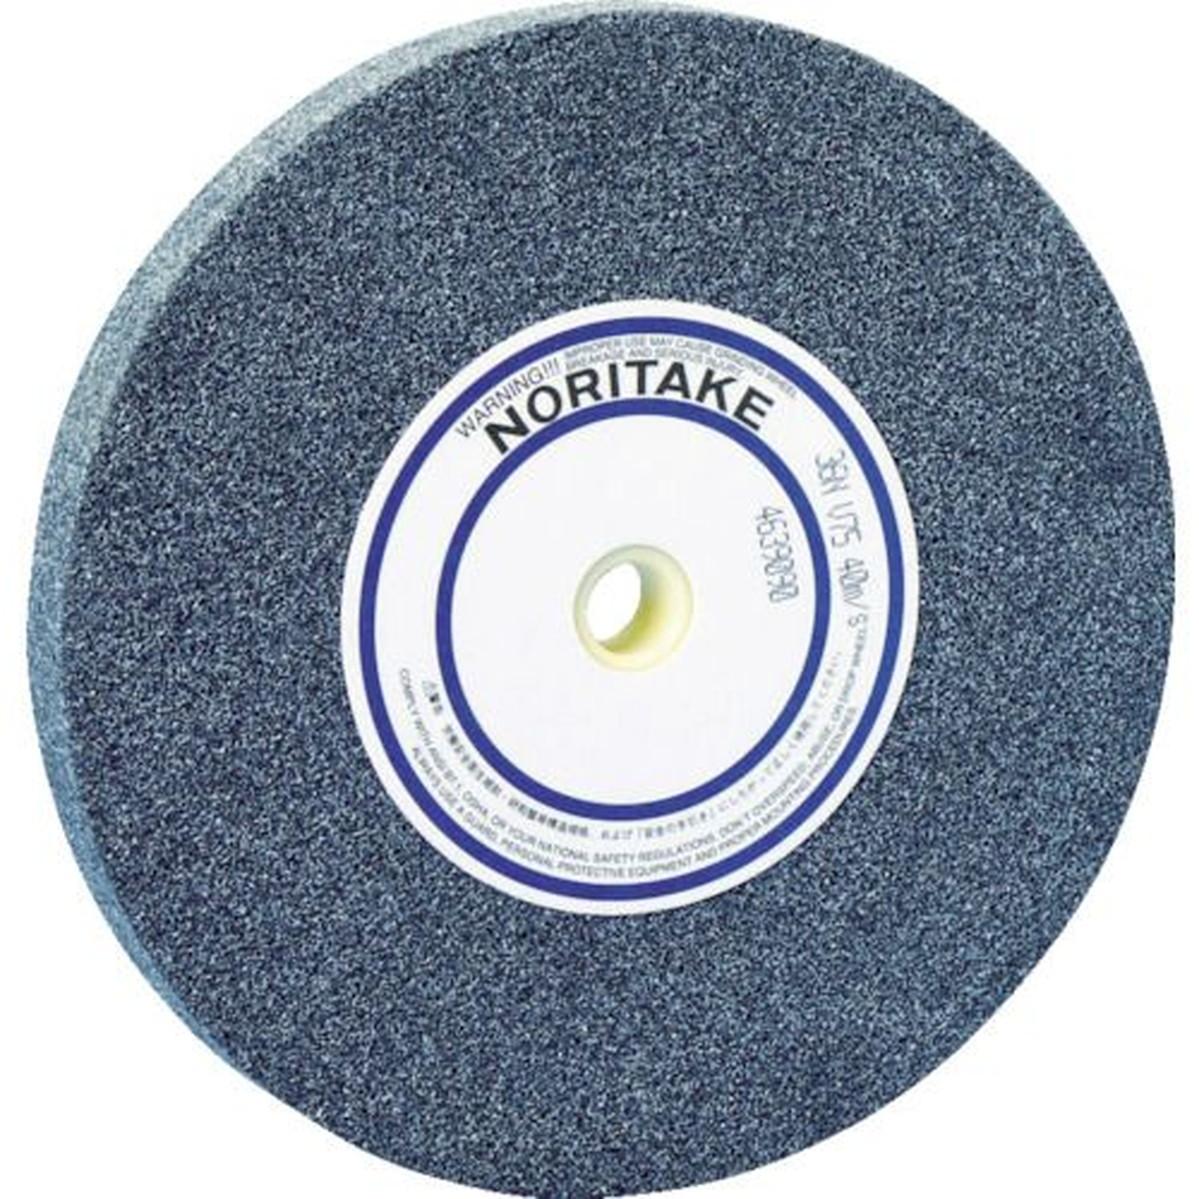 新色追加 あす楽対応 DIY用品 ノリタケ 汎用研削砥石 A60O濃青 1枚 買収 150X16X12.7